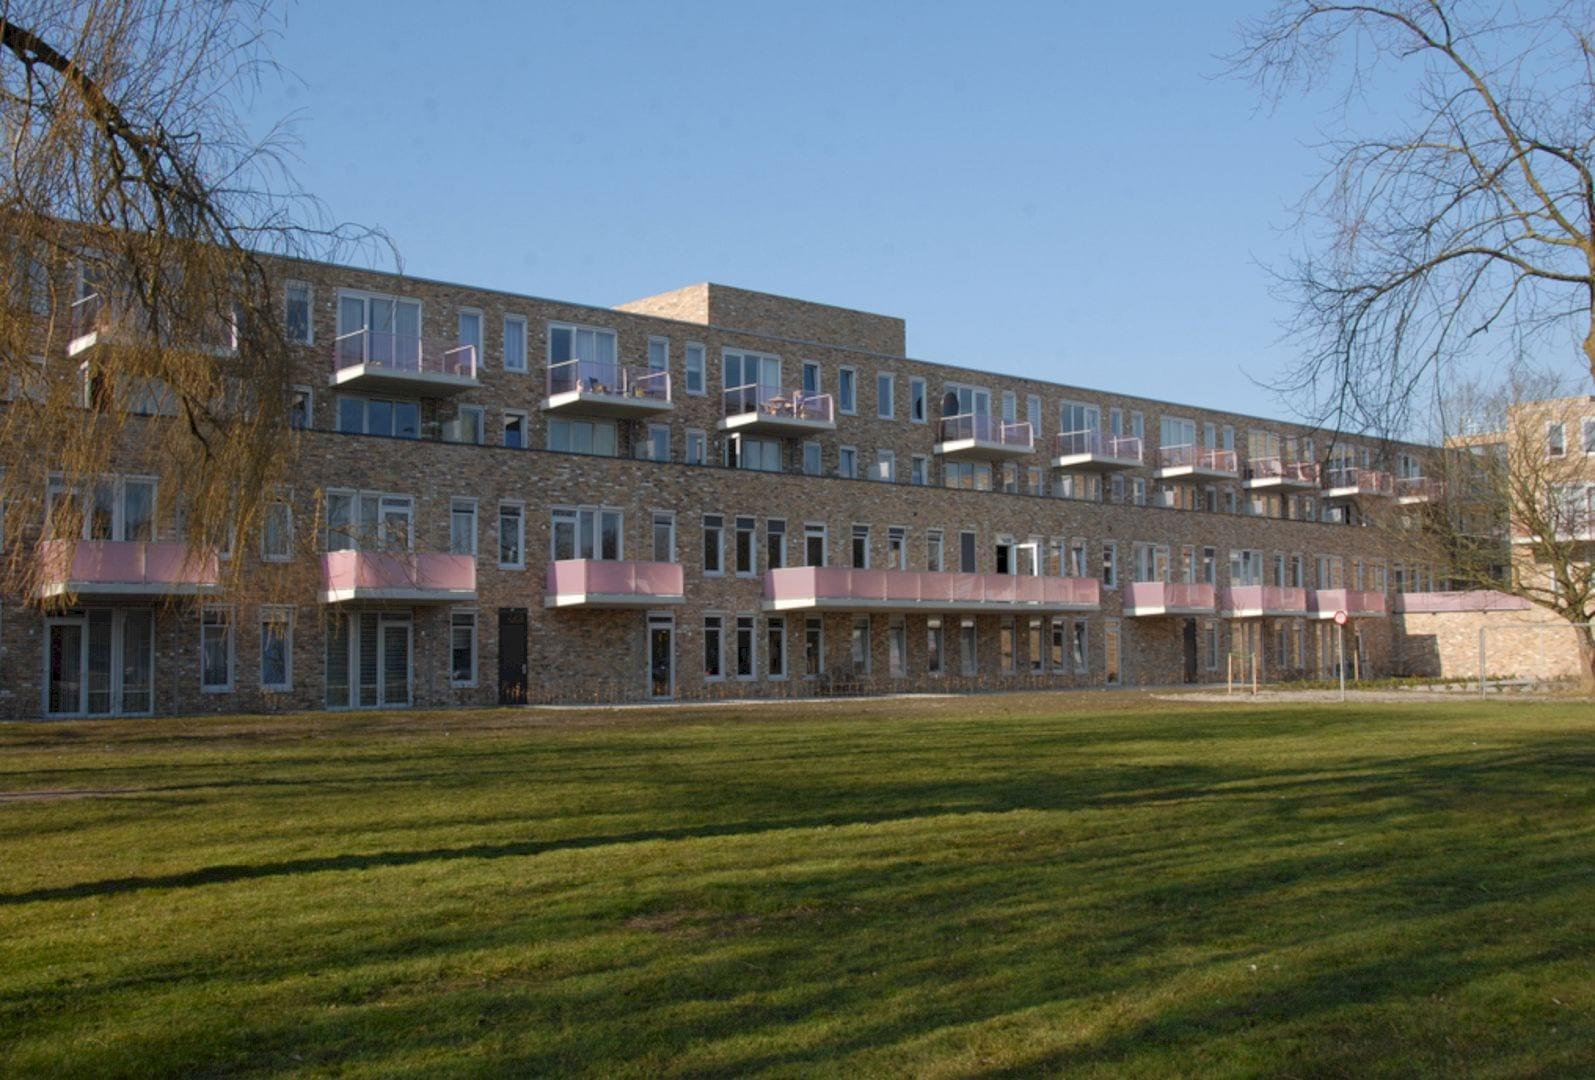 Apartments Tamarixplantsoen Heerhugowaard By Jeanne Dekkers Architectuur 1